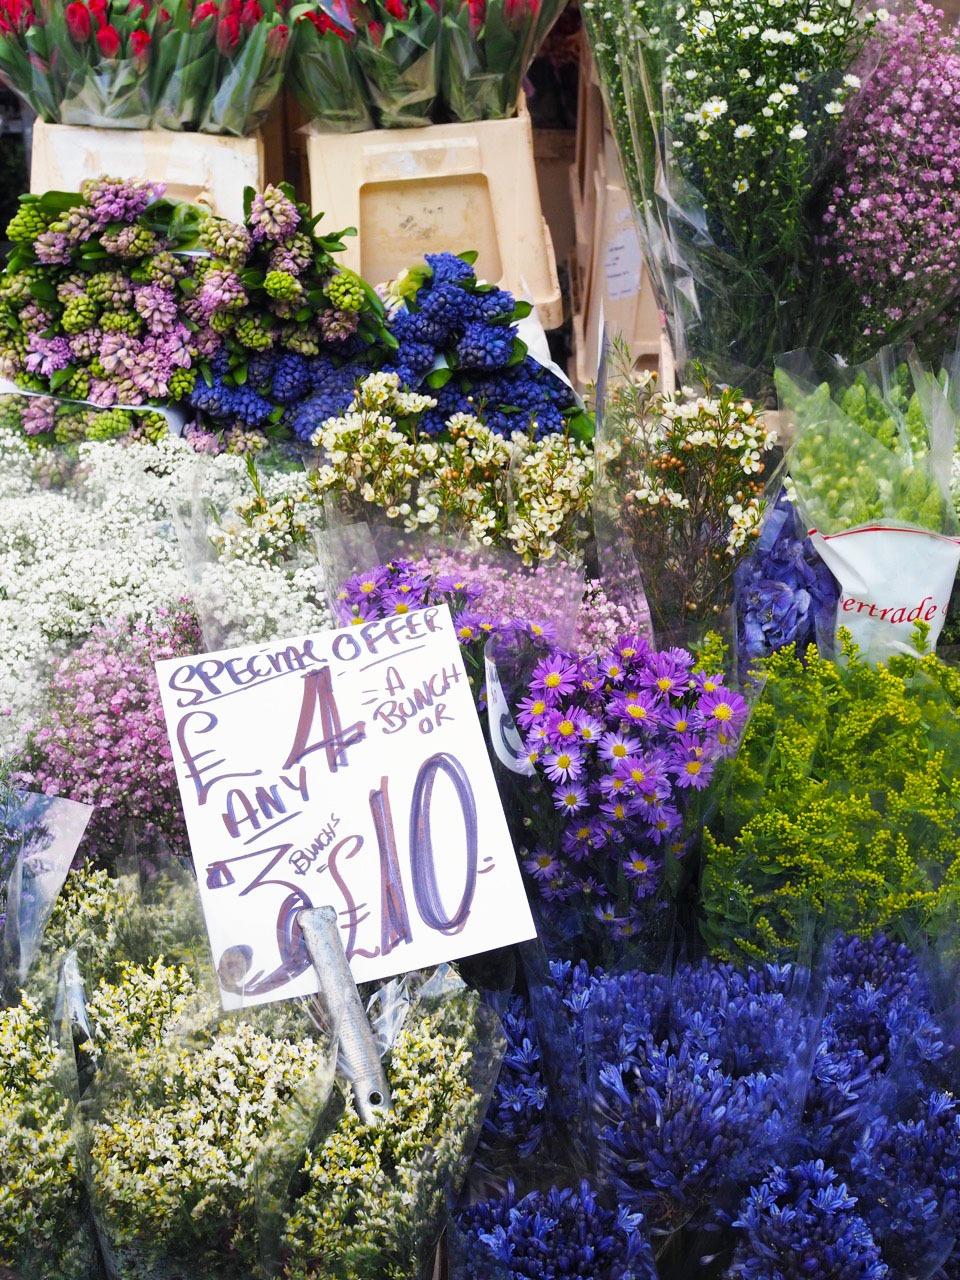 Columbia Road Flower Market in London